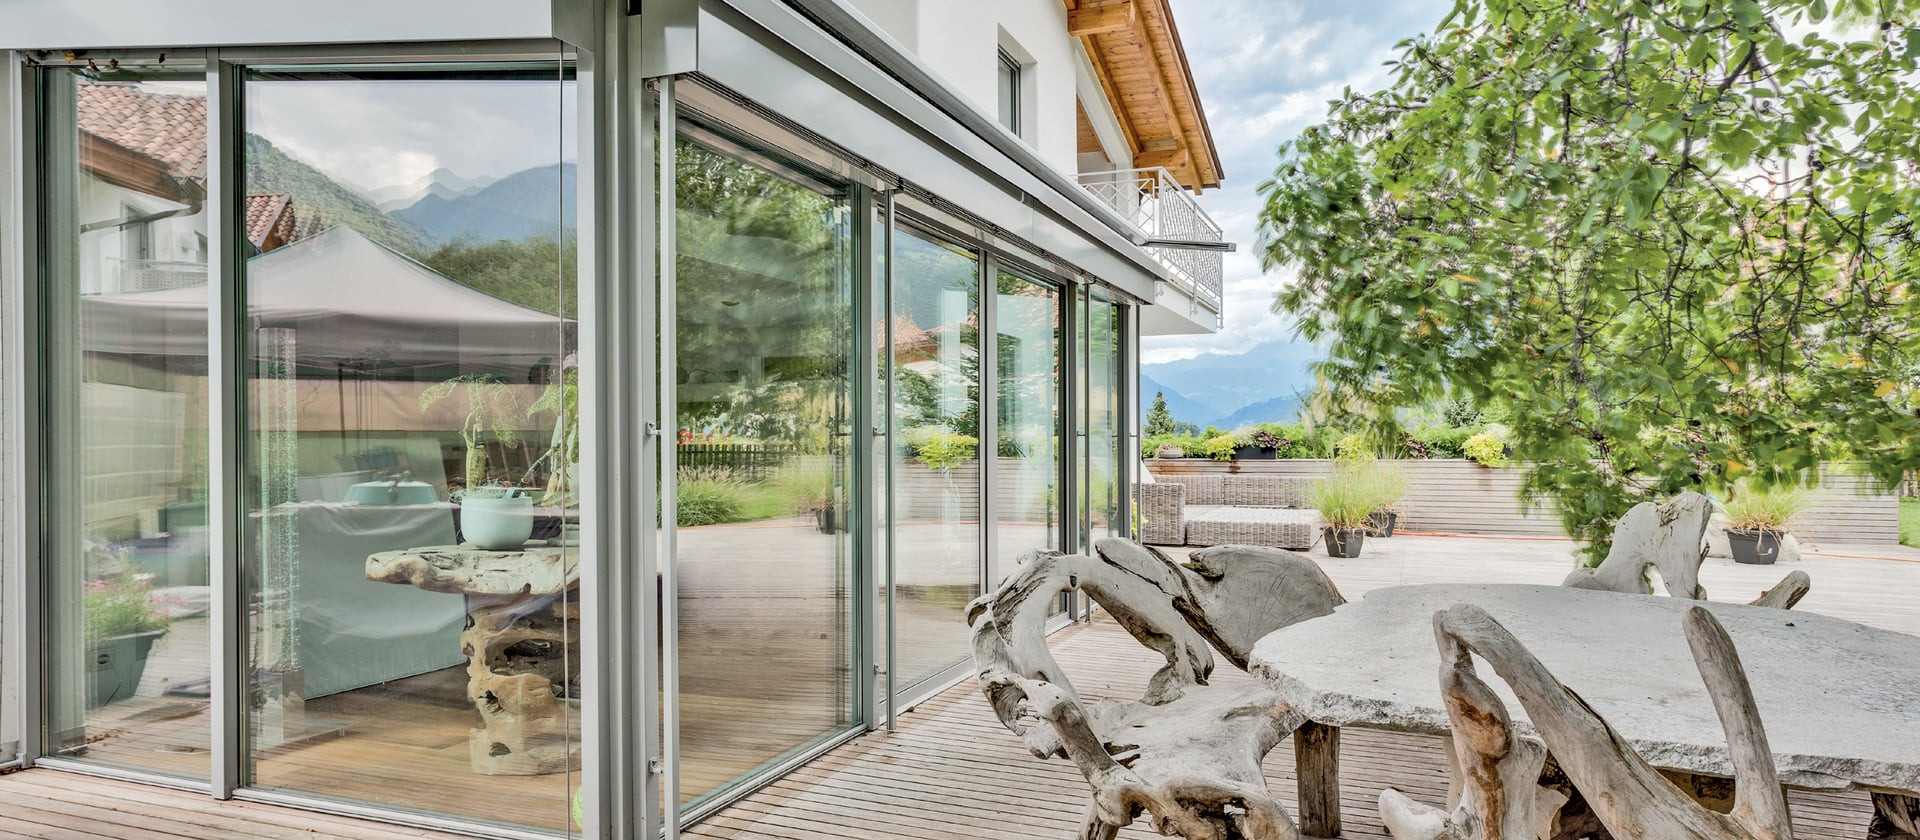 Haus im Vinschgau